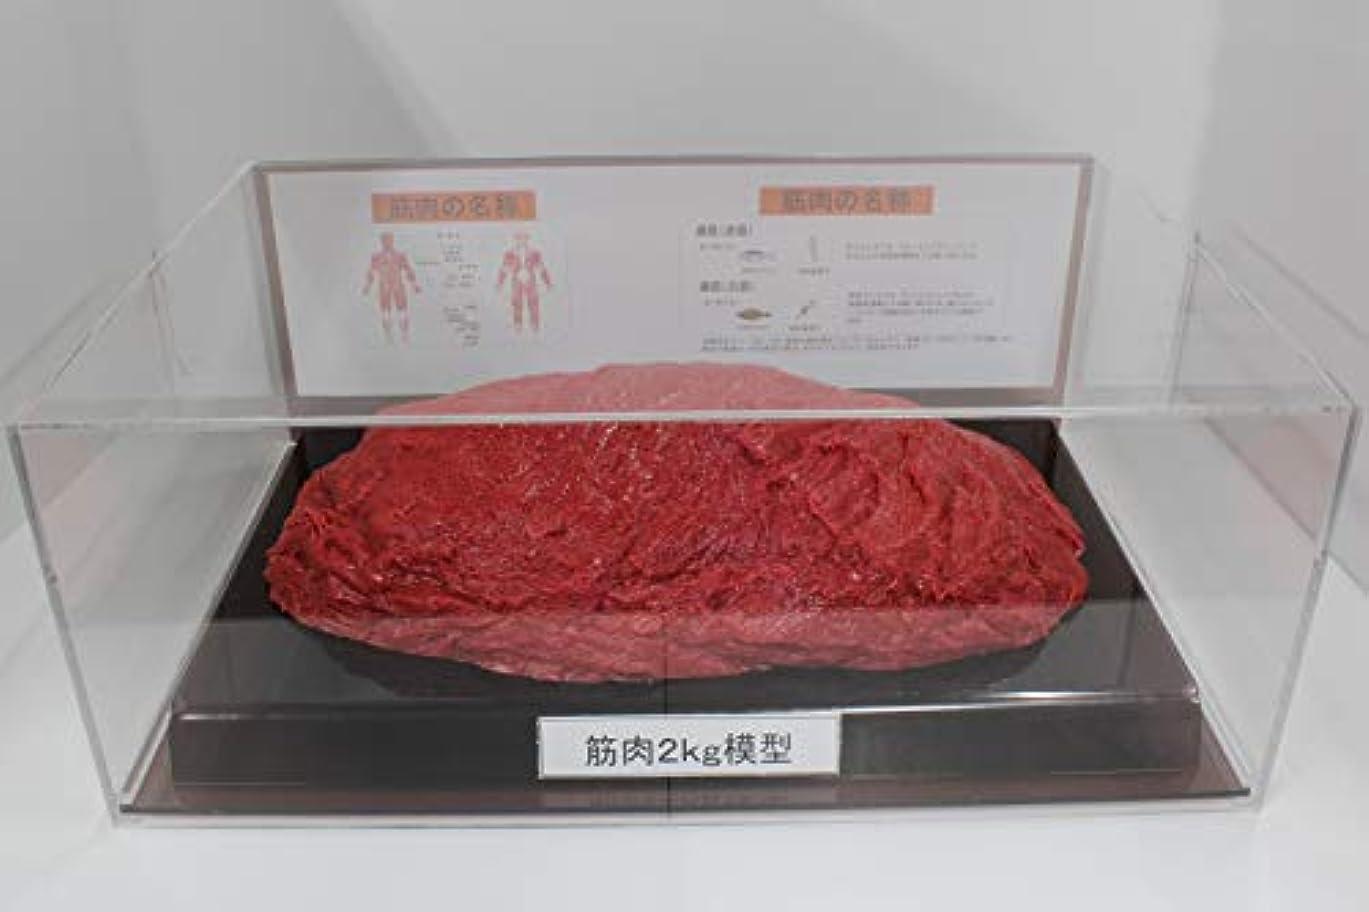 ケープビットドナウ川筋肉模型 フィギアケース入 2kg ダイエット 健康 肥満 トレーニング フードモデル 食品サンプル